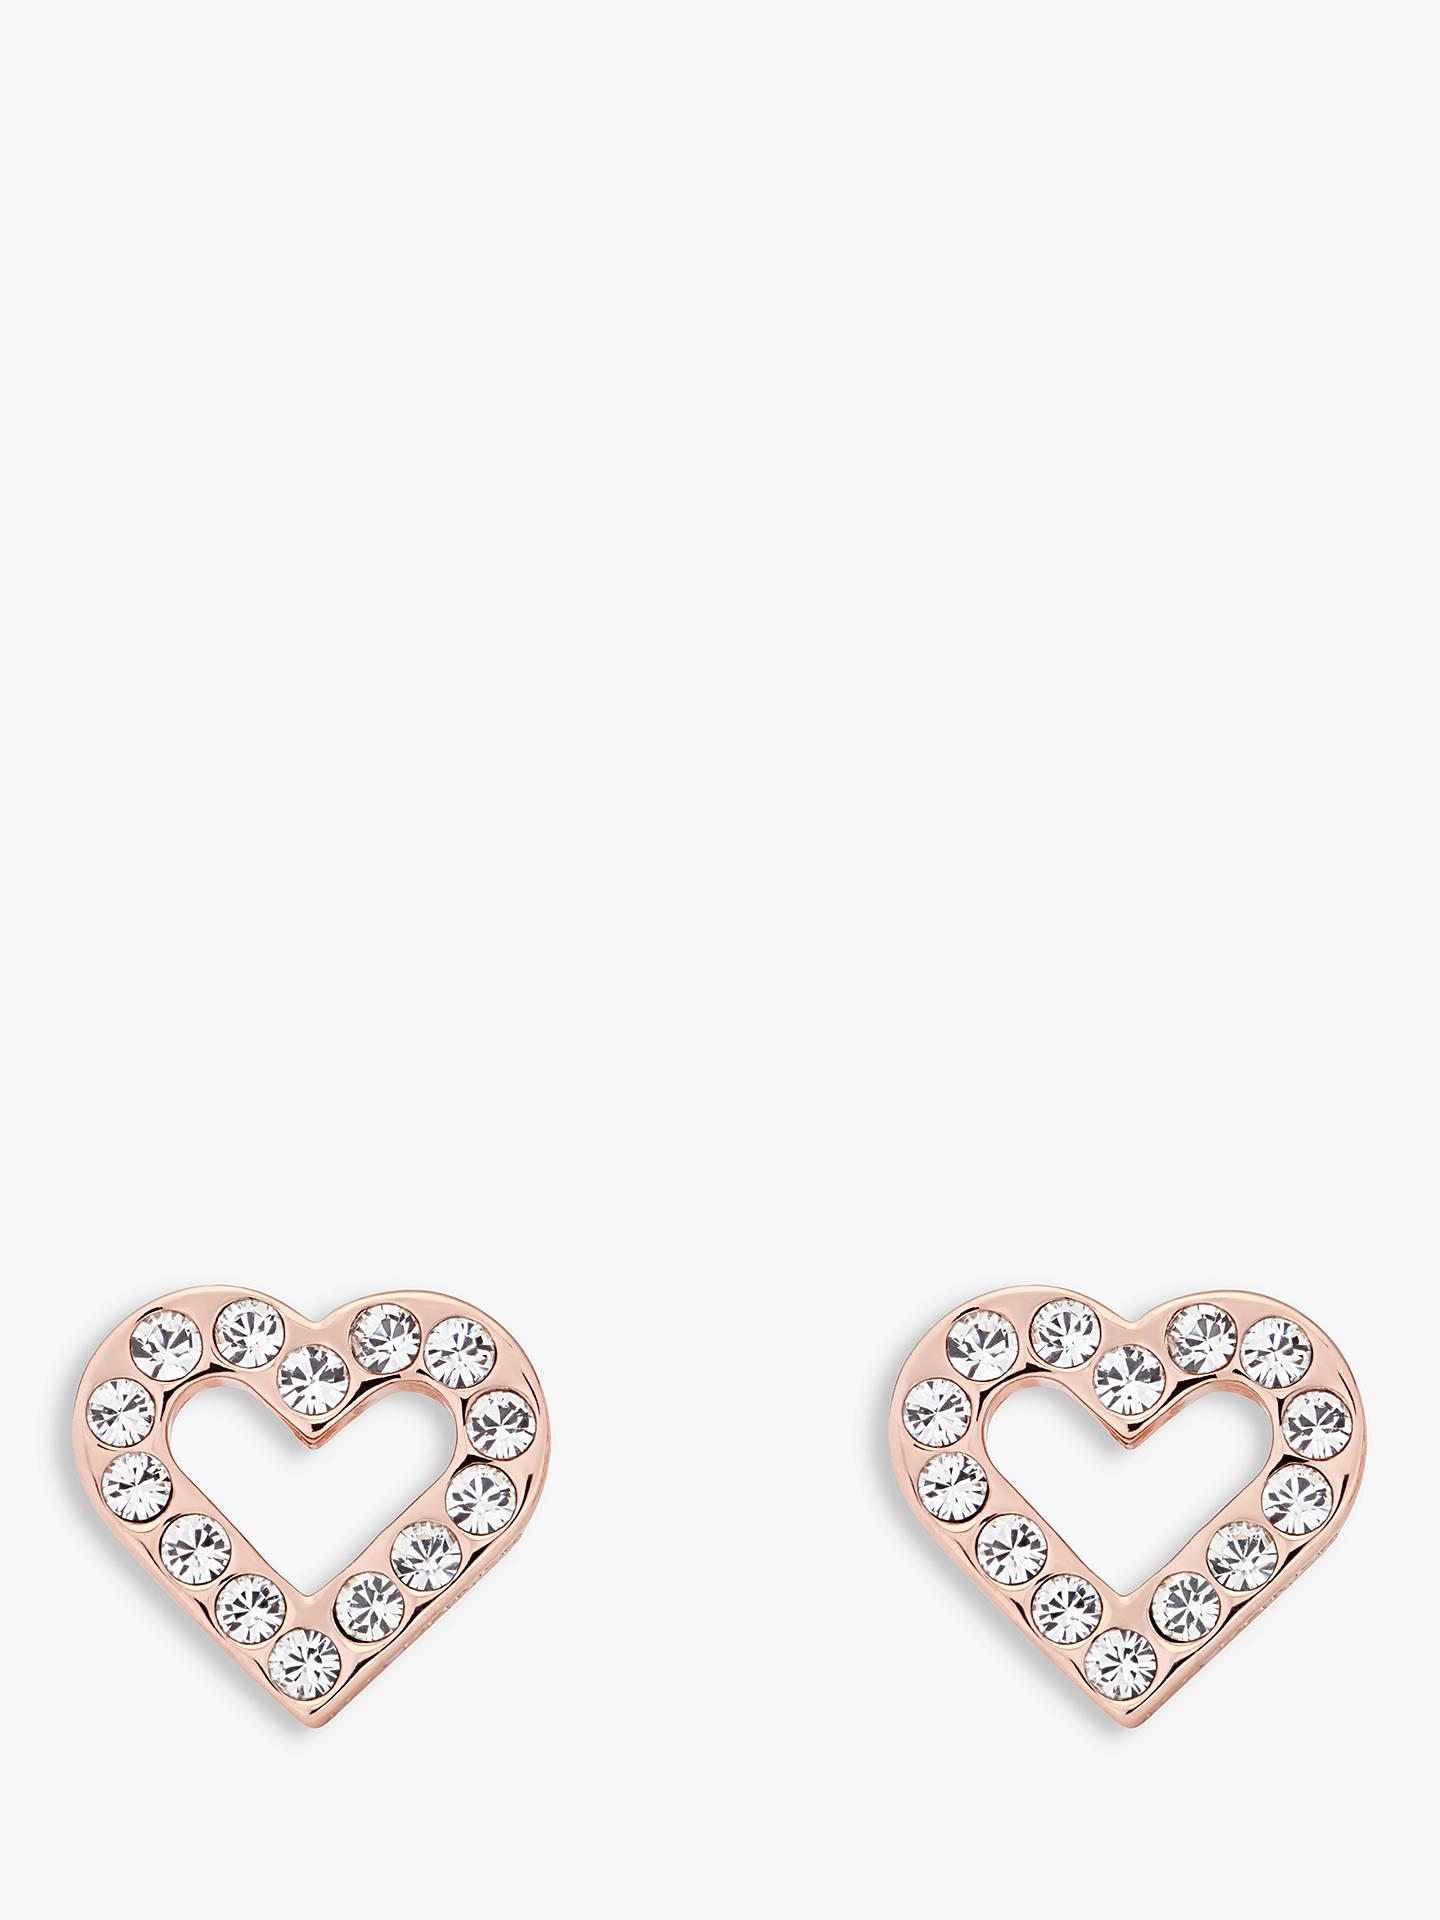 ff4ab3e3281d Buy Ted Baker Swarovski Crystal Heart Stud Earrings